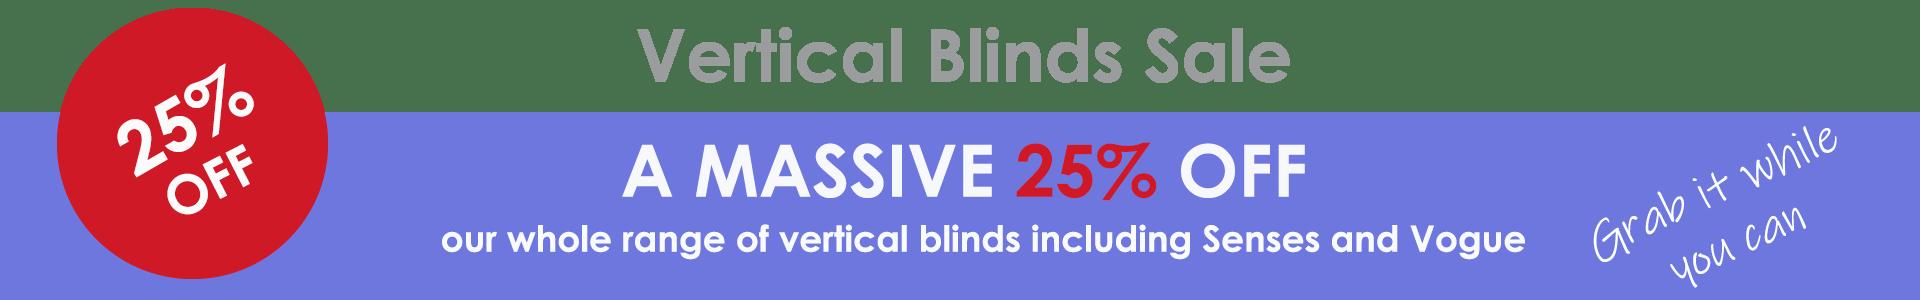 Blinds Sale at Direct Order Blinds